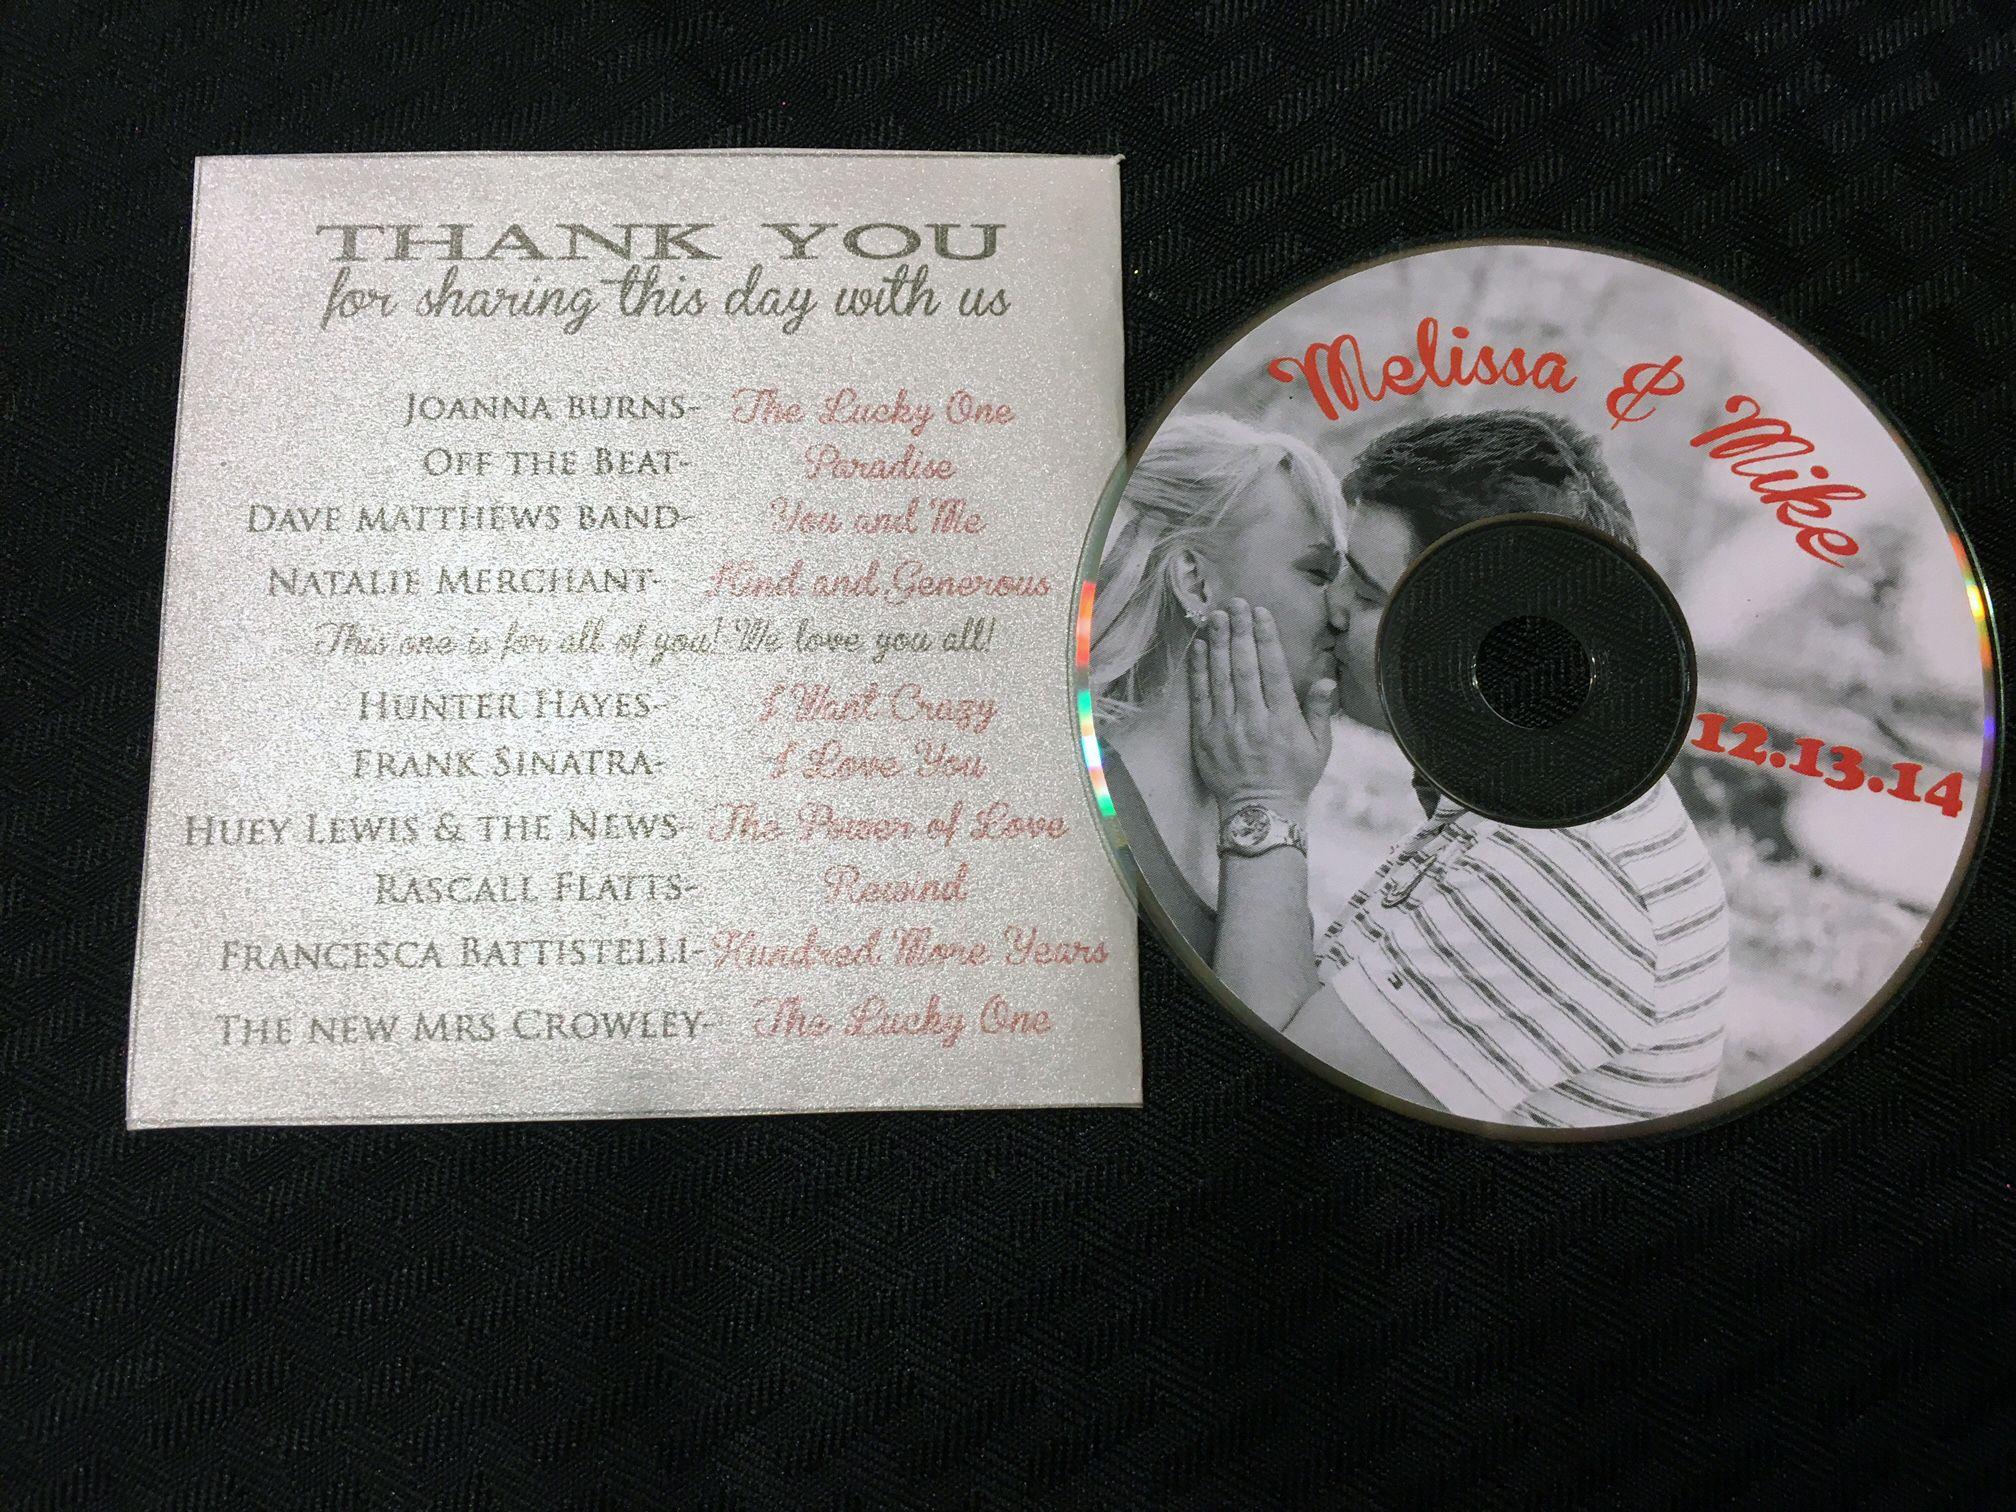 DIY wedding soundtrack cd favor | DIY Wedding | Pinterest | Craft ...